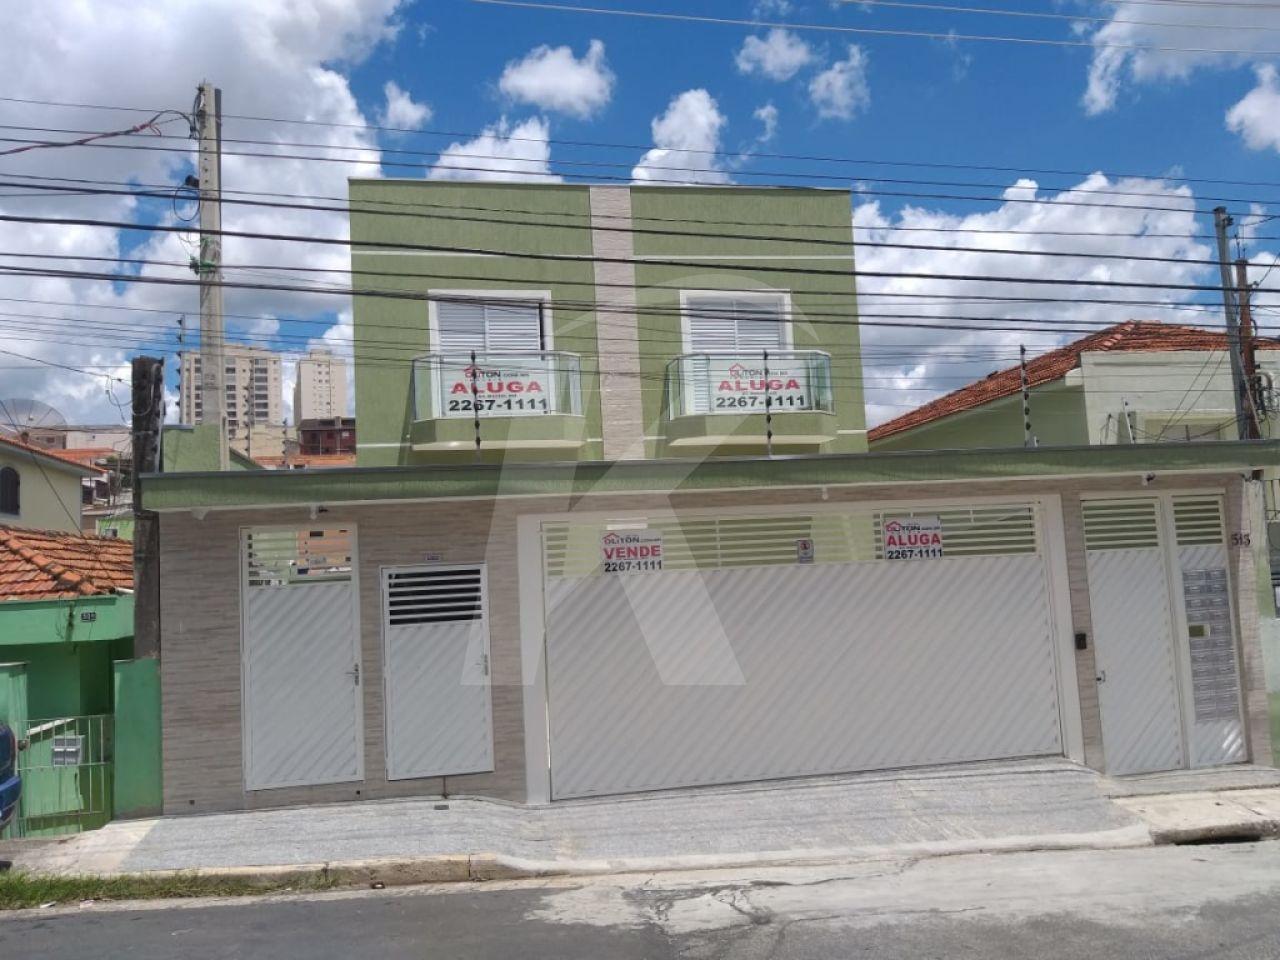 Comprar - Apartamento - Vila Mazzei - 1 dormitórios.